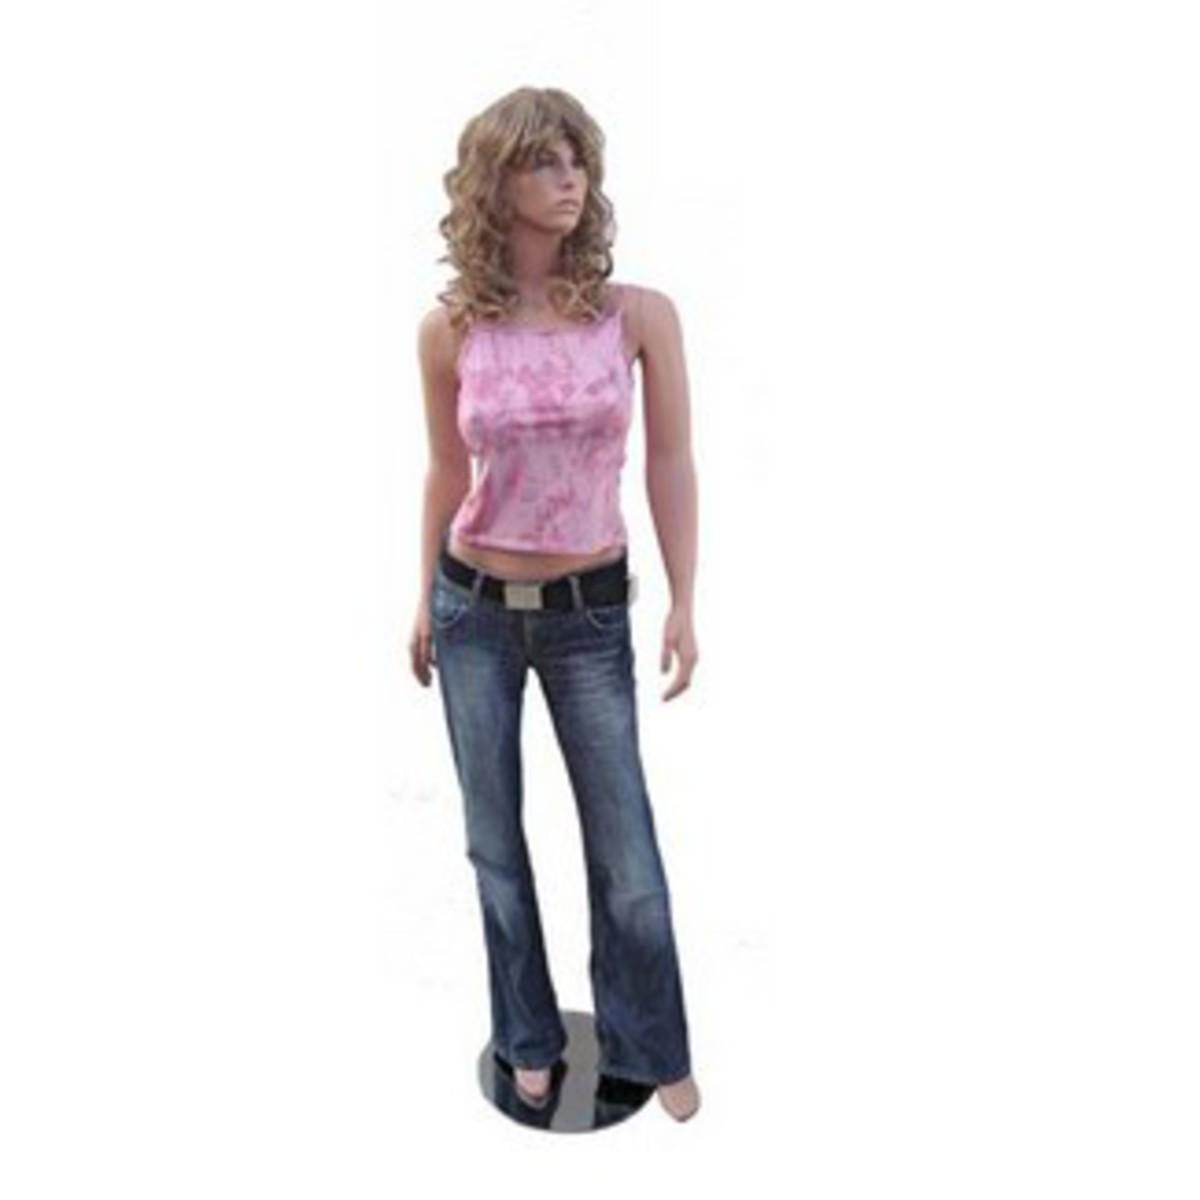 Bild 1 von Mauk Schaufensterpuppe weiblich, mit blonder Perücke